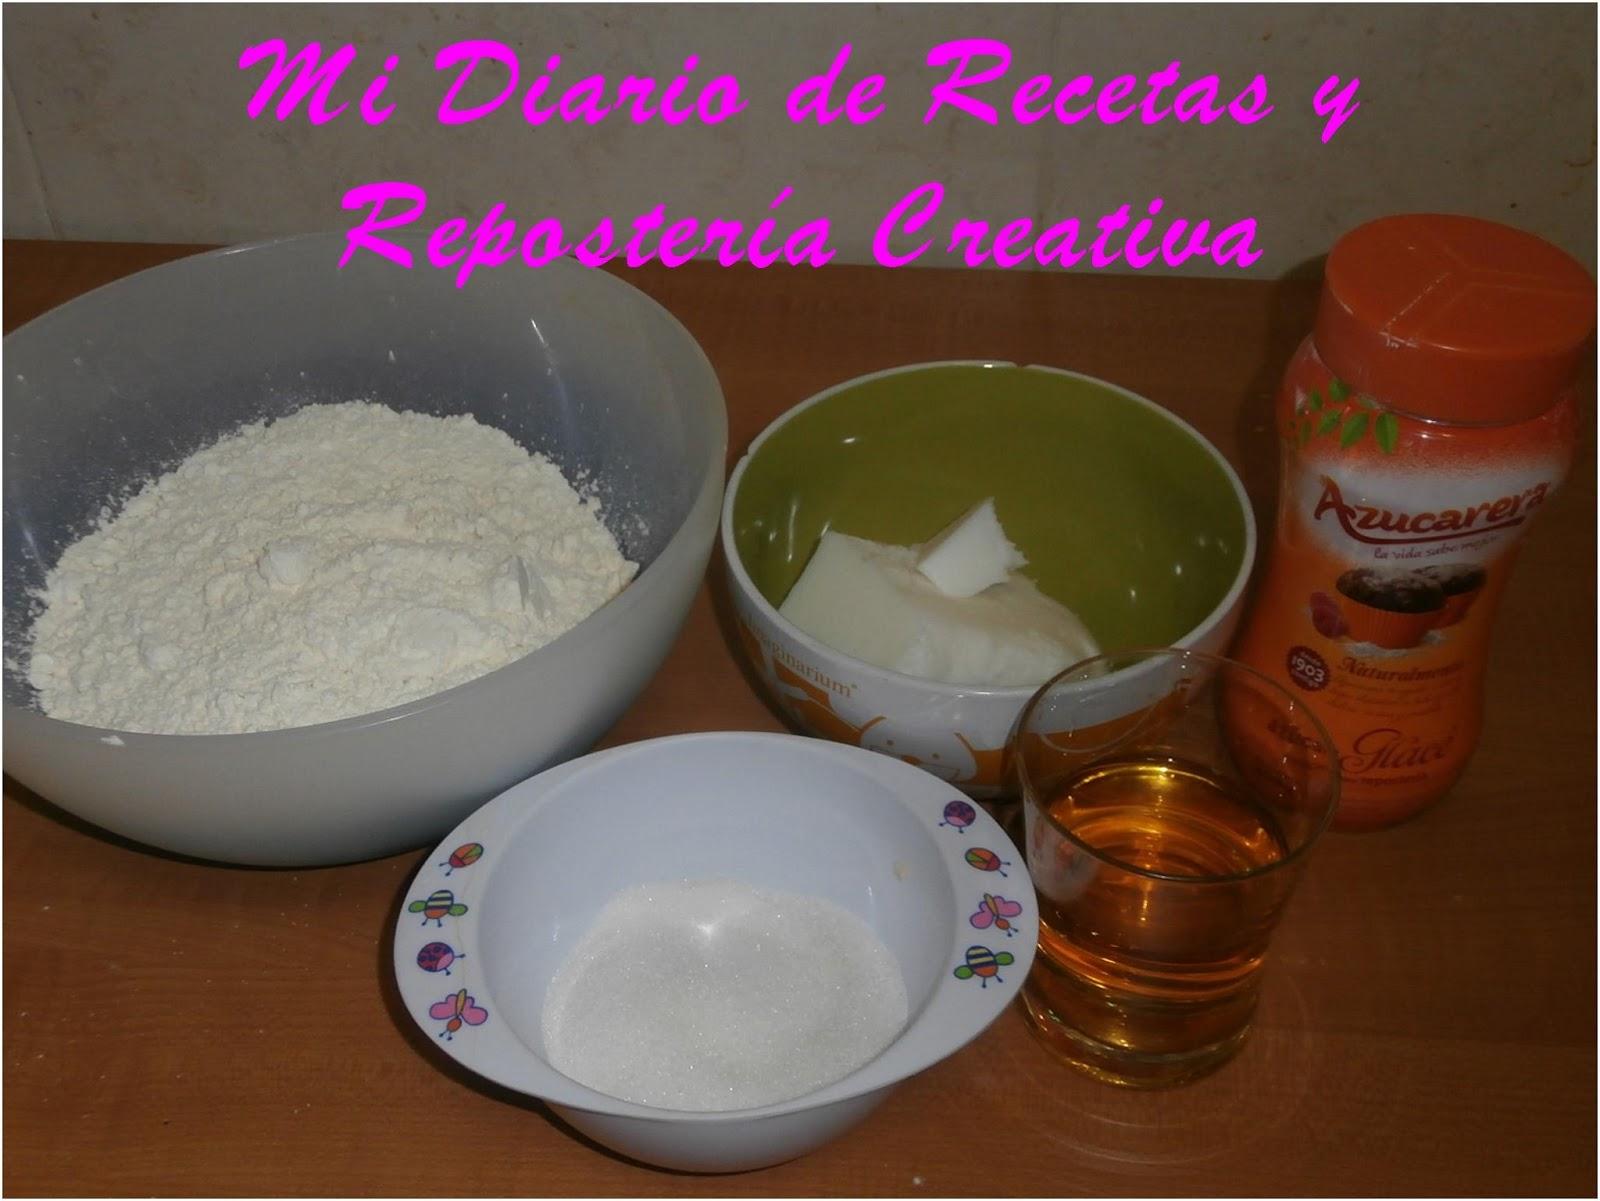 Mi diario de recetas y reposteria creativa nevaditos - Ingredientes reposteria creativa ...